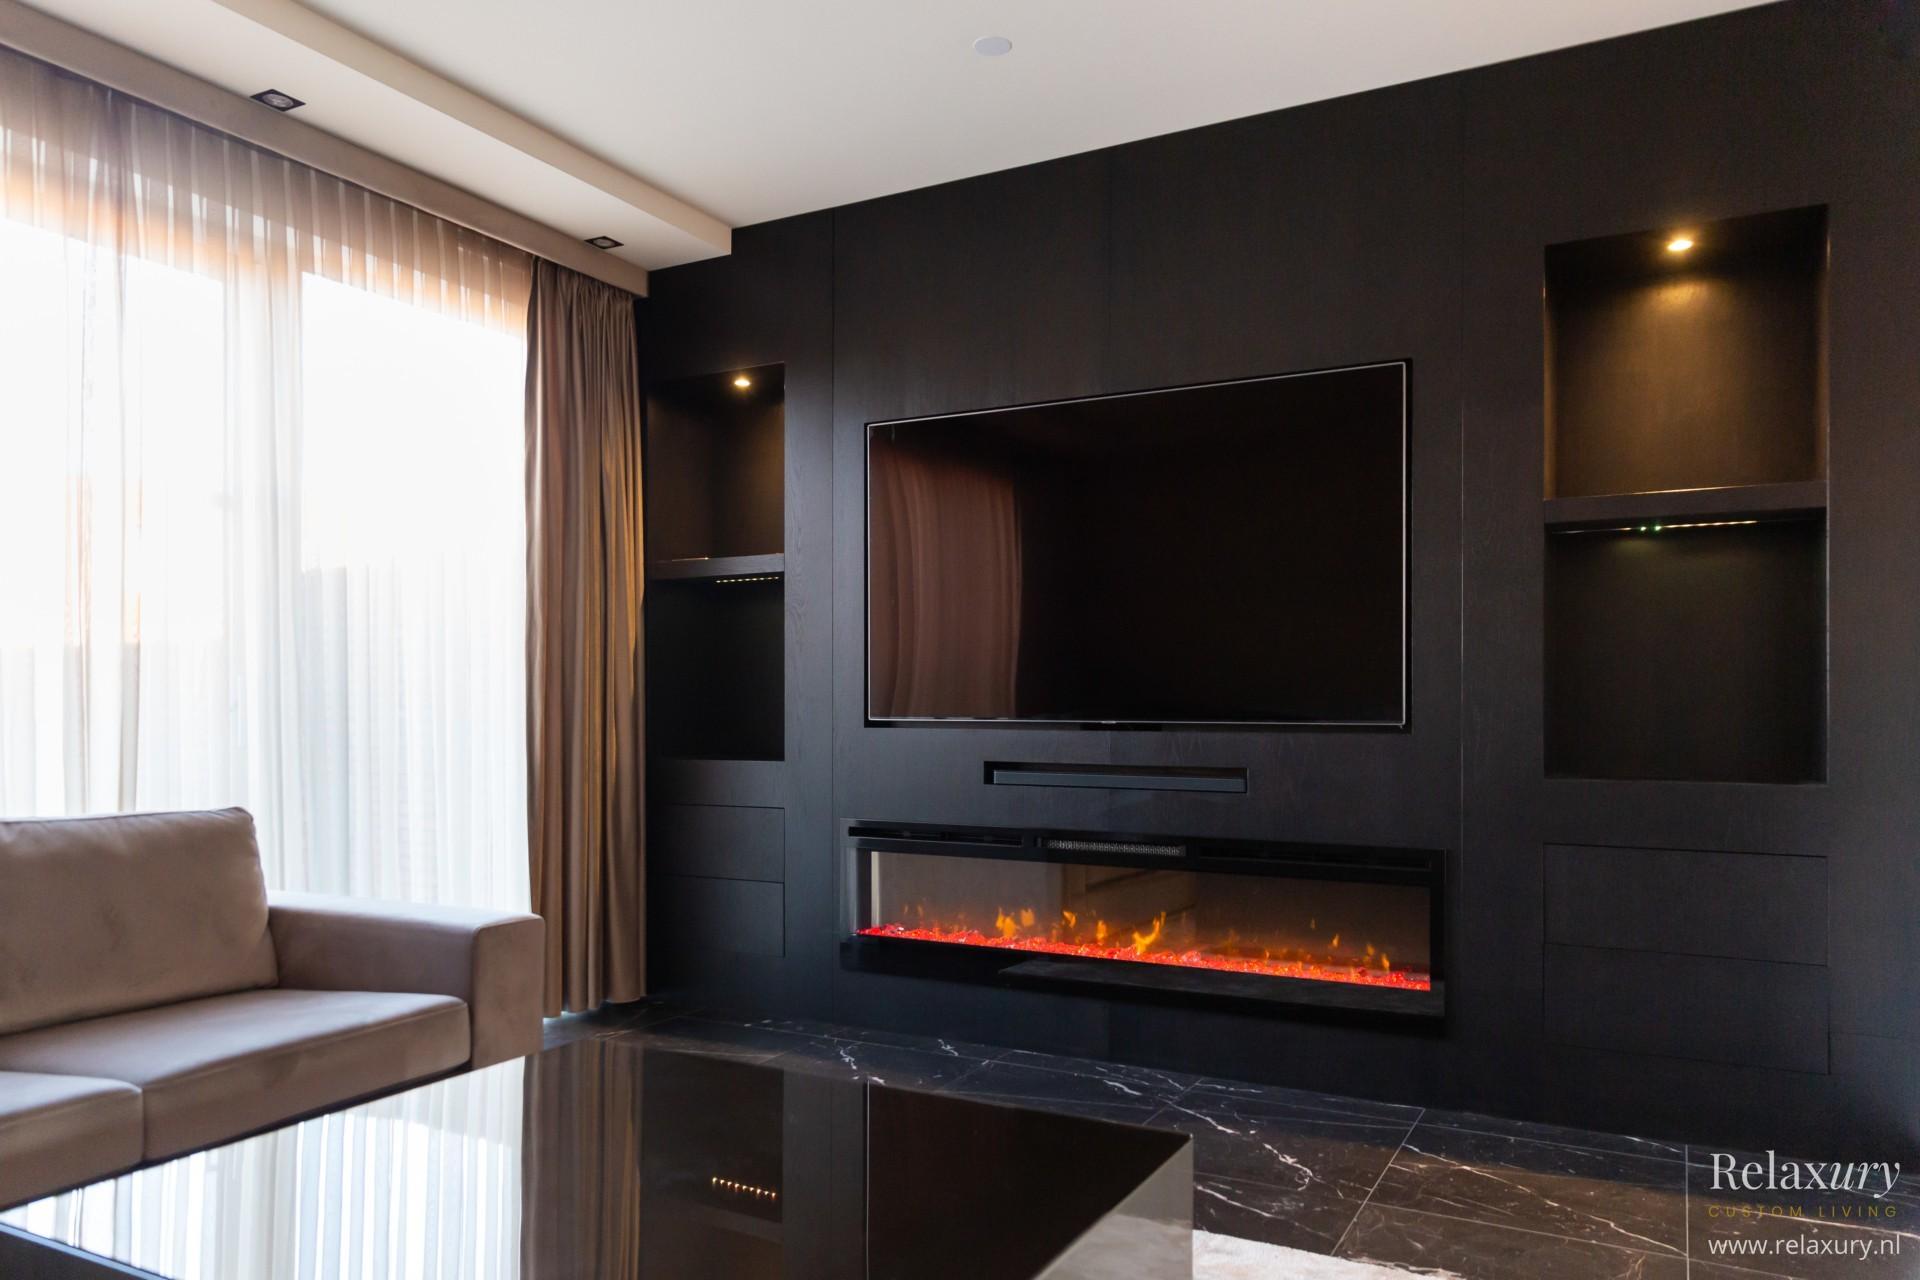 TV wand van donker eiken fineer met sierhaard en nissen in metropolitan stijl